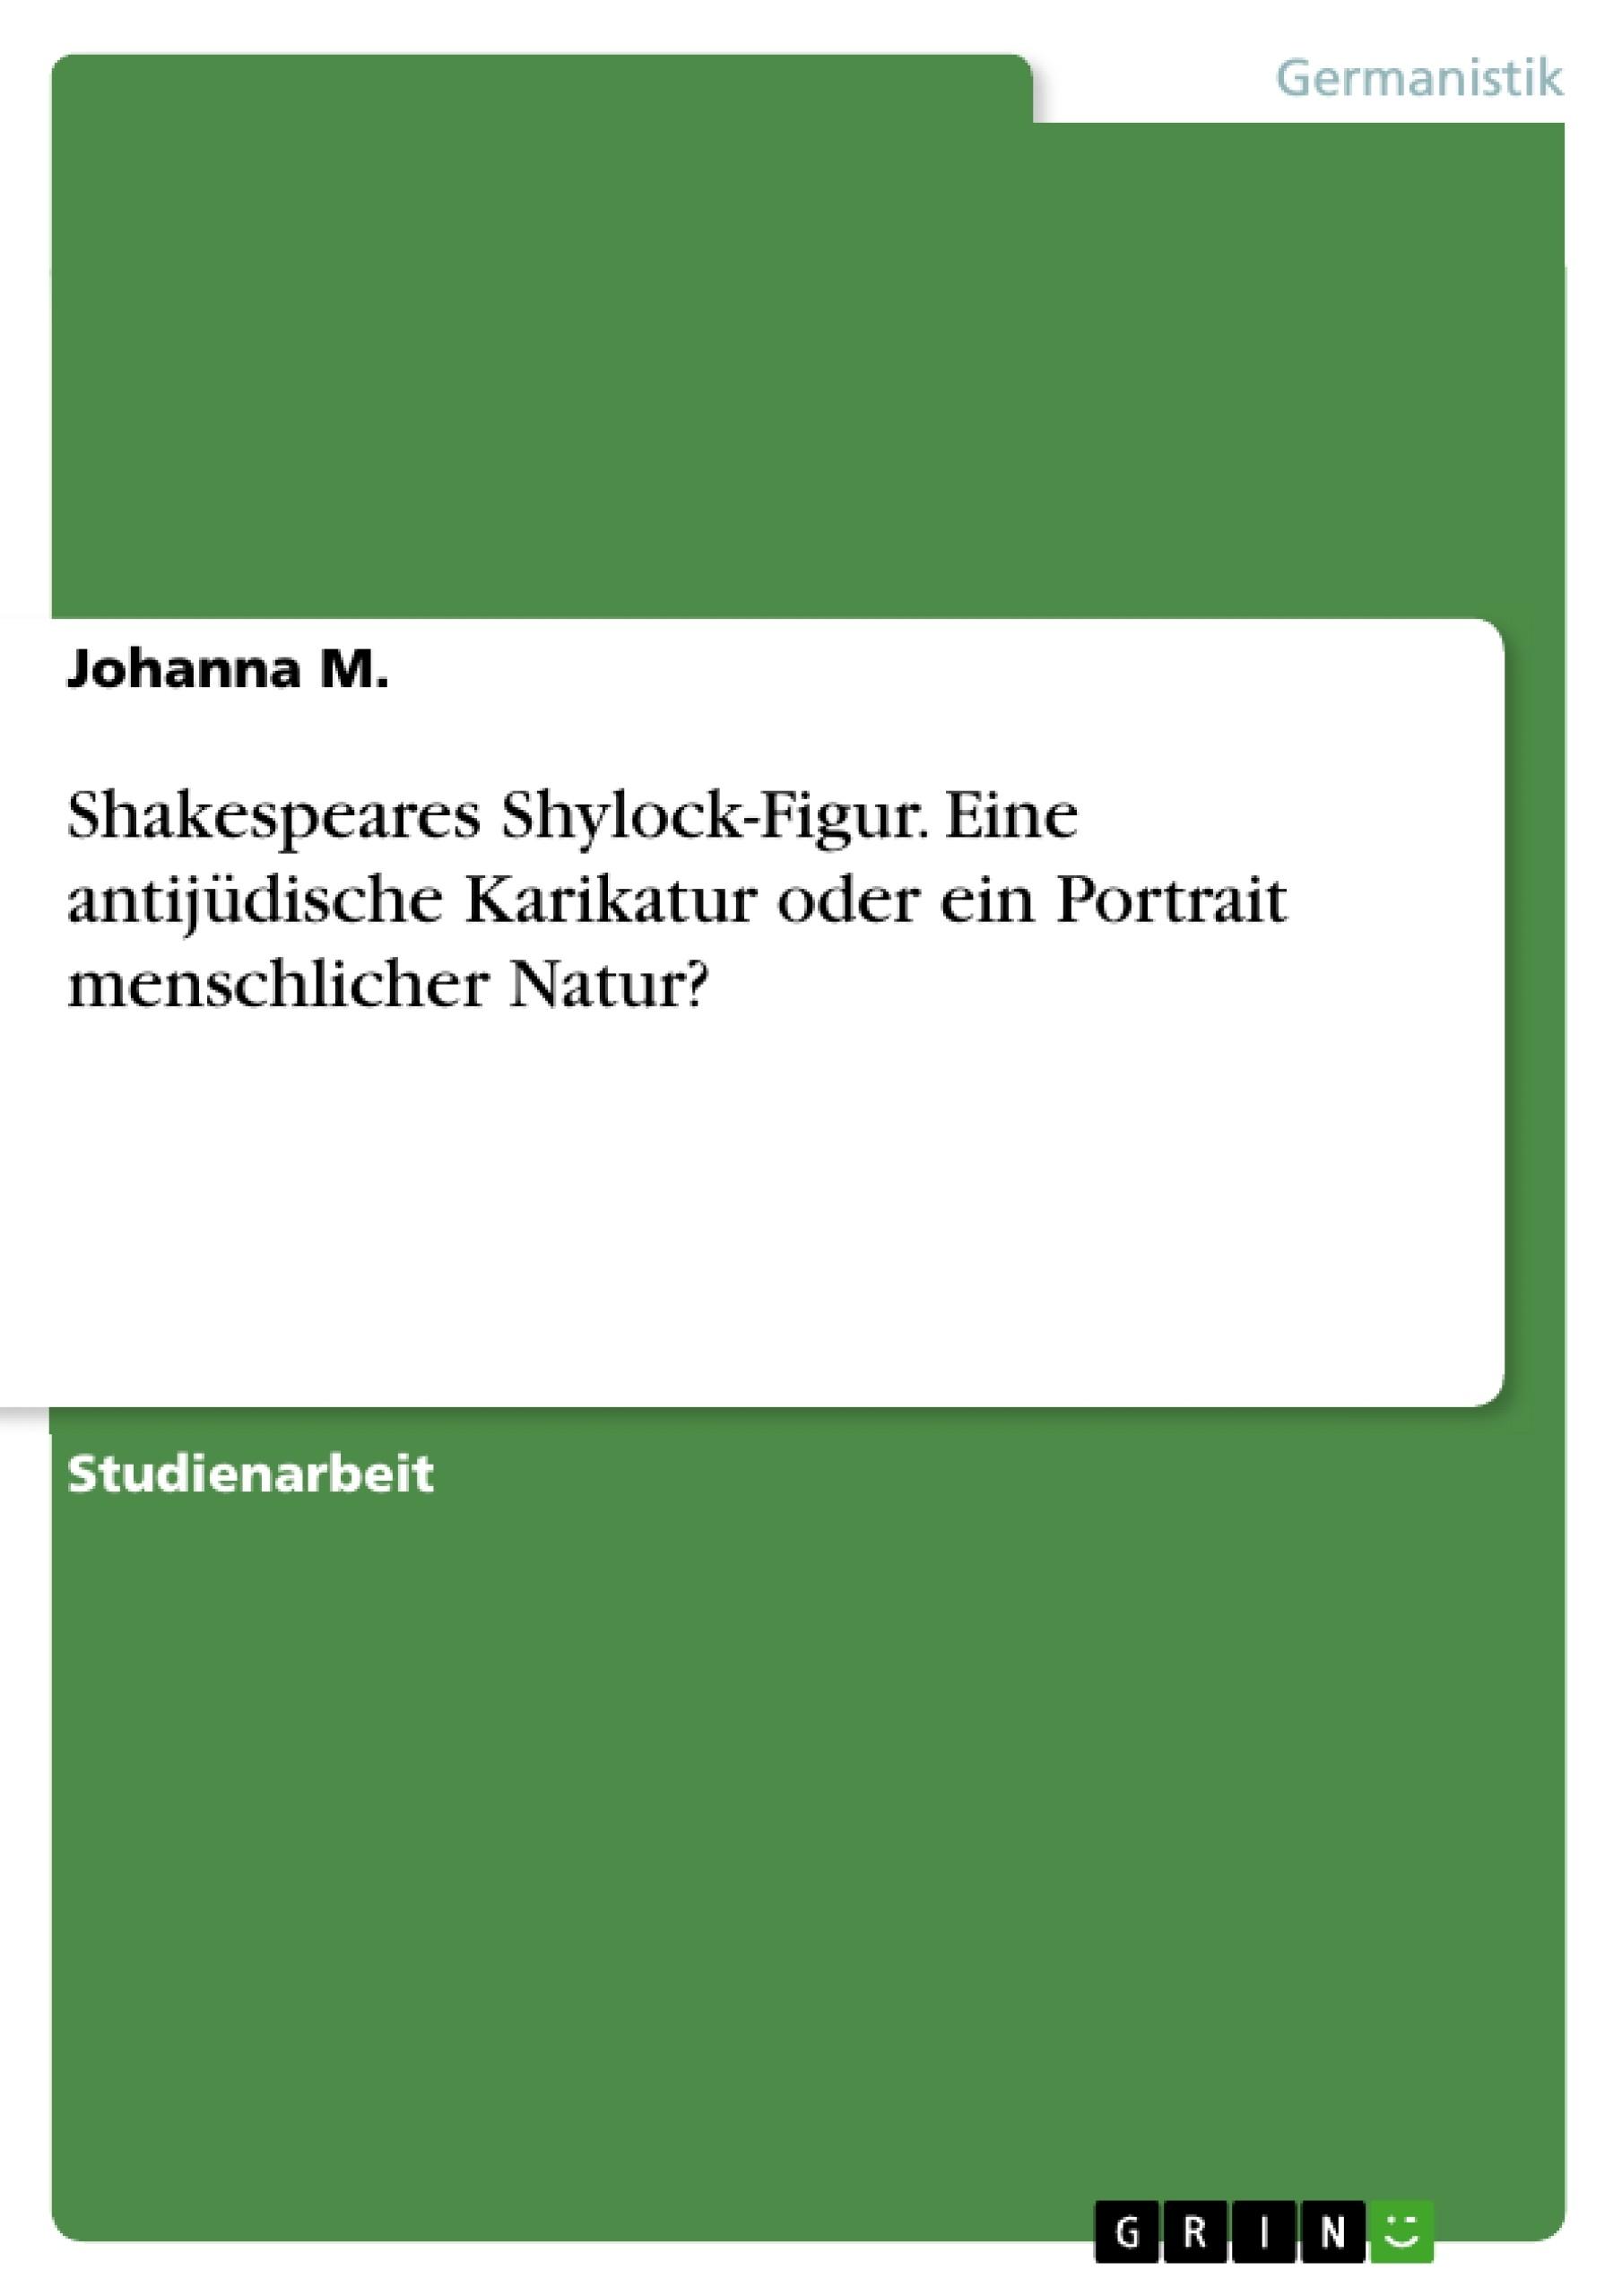 Titel: Shakespeares Shylock-Figur. Eine antijüdische Karikatur oder ein Portrait menschlicher Natur?